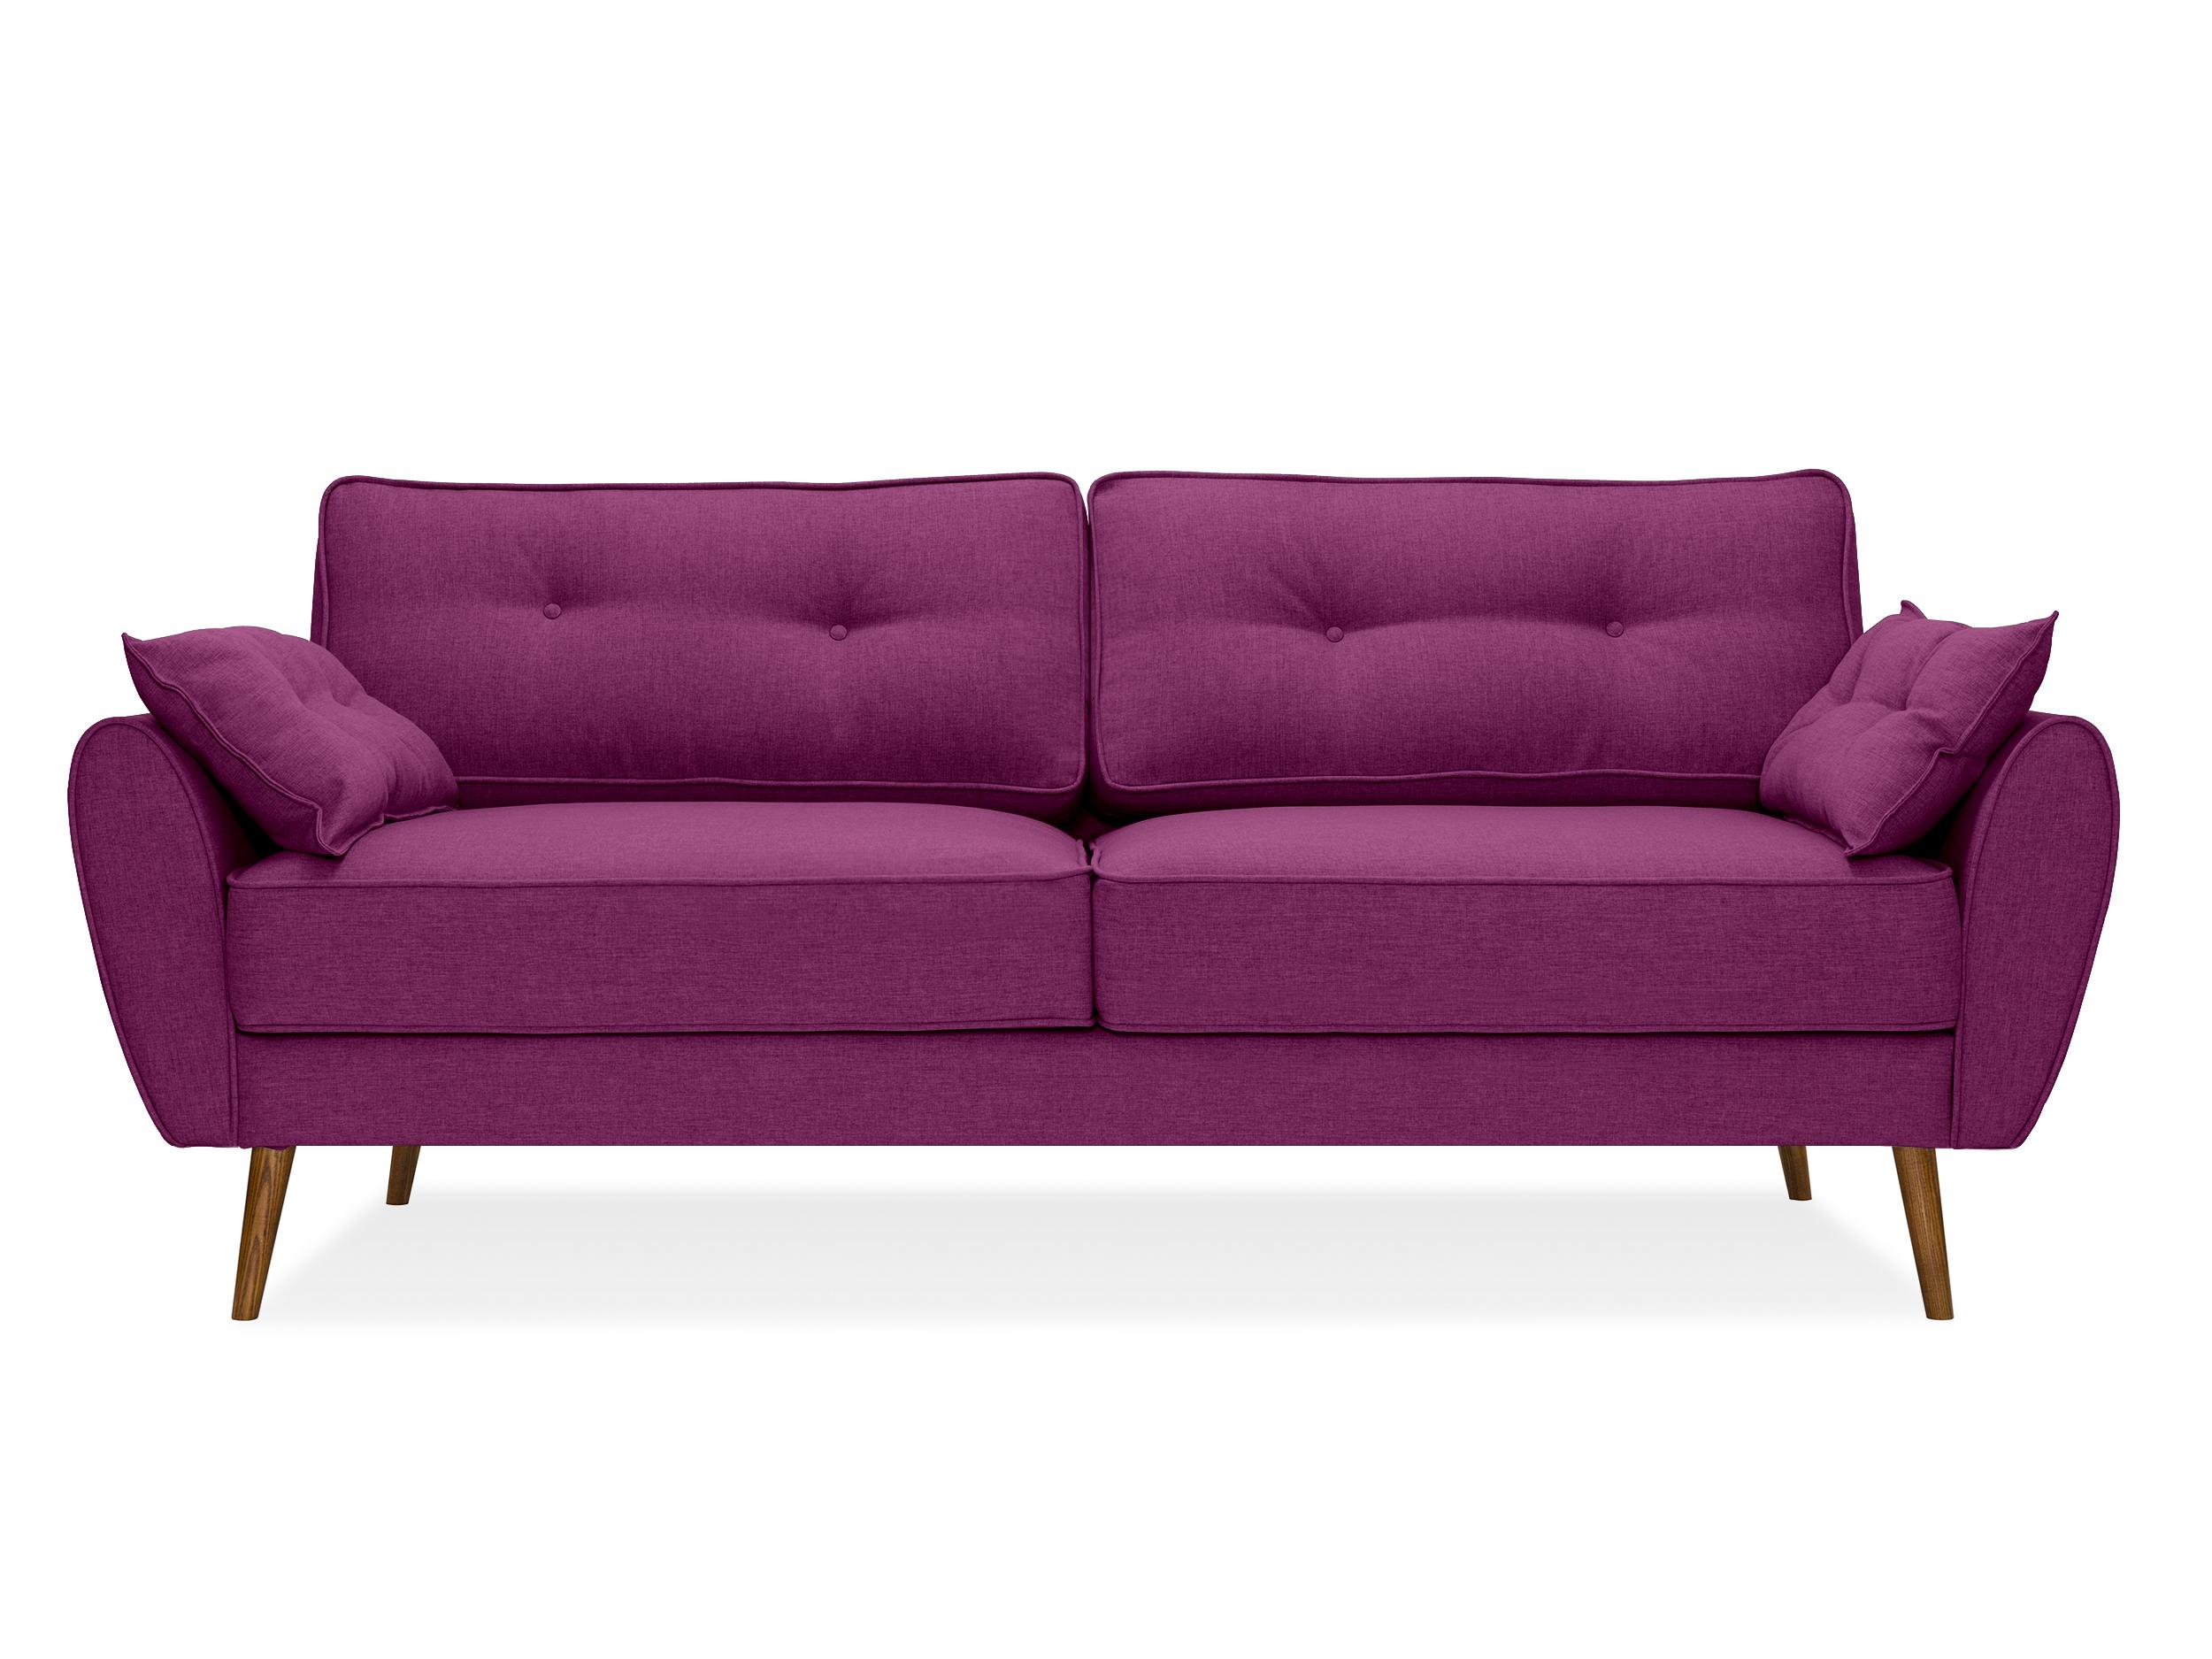 Myfurnish диван vogue фиолетовый  66702/29